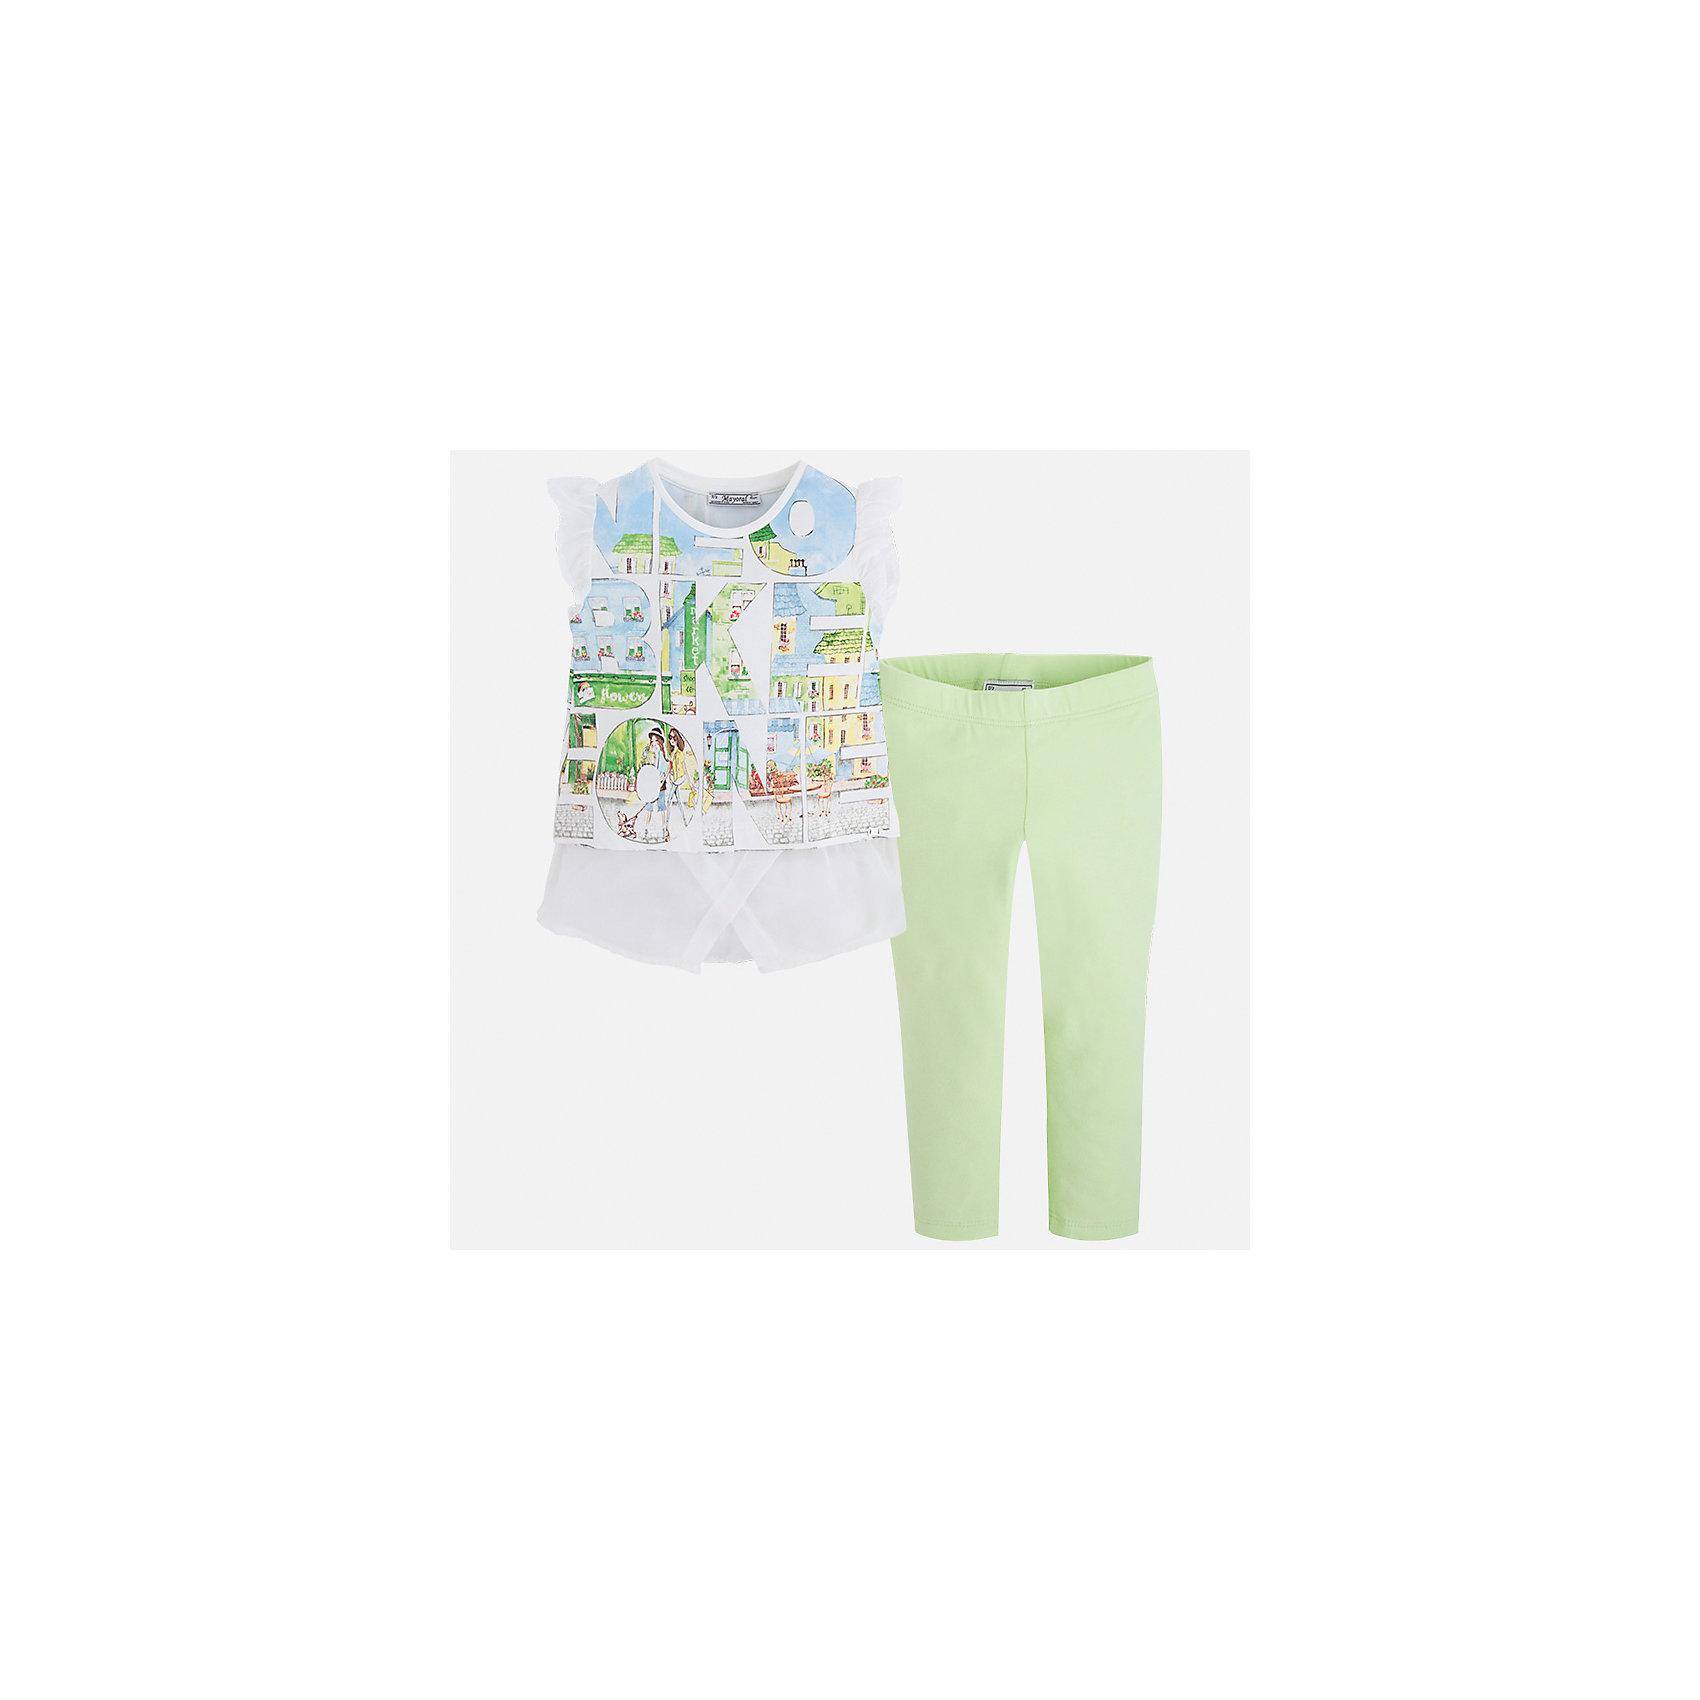 Комплект: футболка с длинным рукавом и леггинсы для девочки MayoralХарактеристики товара:<br><br>• цвет: белый/зеленый<br>• состав: 76% хлопок, 20% полиэстер, 4% эластан<br>• комплектация: футболка, леггинсы<br>• футболка декорирована принтом и оборками<br>• леггинсы однотонные<br>• пояс на резинке<br>• страна бренда: Испания<br><br>Красивый качественный комплект для девочки поможет разнообразить гардероб ребенка и удобно одеться в теплую погоду. Он отлично сочетается с другими предметами. Универсальный цвет позволяет подобрать к вещам верхнюю одежду практически любой расцветки. Интересная отделка модели делает её нарядной и оригинальной. В составе материала - натуральный хлопок, гипоаллергенный, приятный на ощупь, дышащий.<br><br>Одежда, обувь и аксессуары от испанского бренда Mayoral полюбились детям и взрослым по всему миру. Модели этой марки - стильные и удобные. Для их производства используются только безопасные, качественные материалы и фурнитура. Порадуйте ребенка модными и красивыми вещами от Mayoral! <br><br>Комплект для девочки от испанского бренда Mayoral (Майорал) можно купить в нашем интернет-магазине.<br><br>Ширина мм: 123<br>Глубина мм: 10<br>Высота мм: 149<br>Вес г: 209<br>Цвет: зеленый<br>Возраст от месяцев: 96<br>Возраст до месяцев: 108<br>Пол: Женский<br>Возраст: Детский<br>Размер: 134,92,98,104,110,116,122,128<br>SKU: 5300470